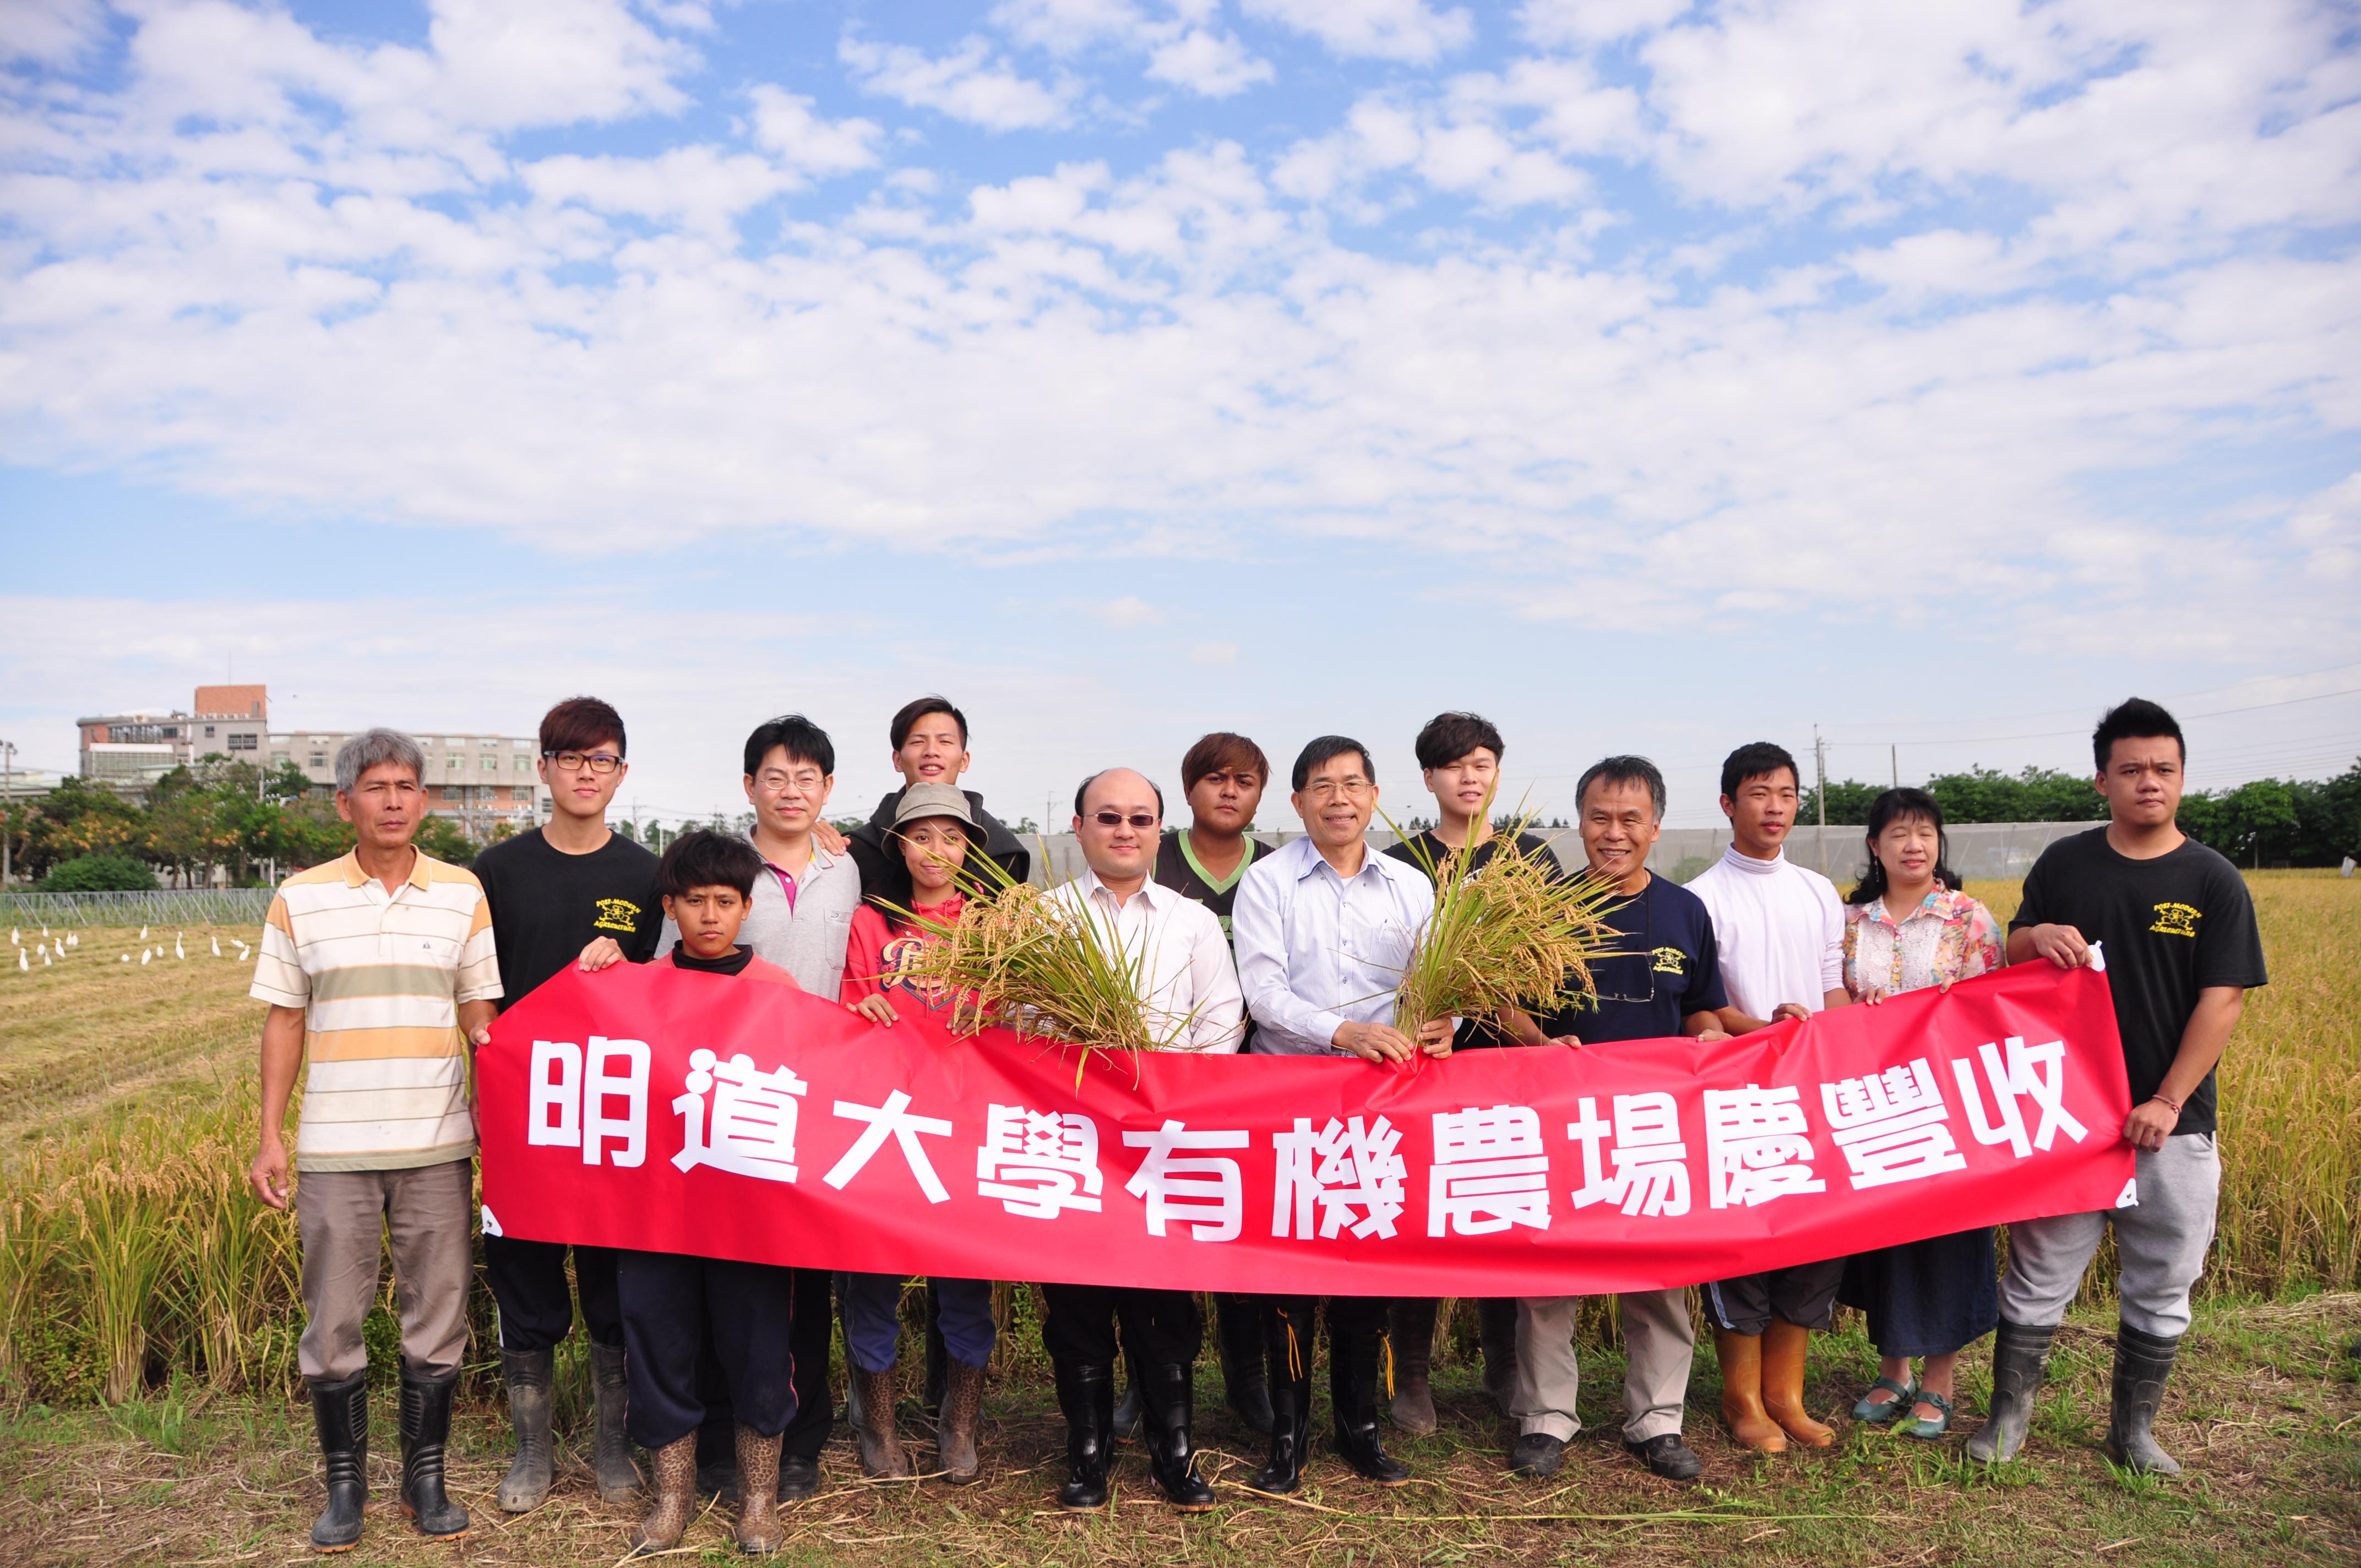 翻轉農業,青農正夯 明道大學農業公費專班,每人每年10萬元-明道大學